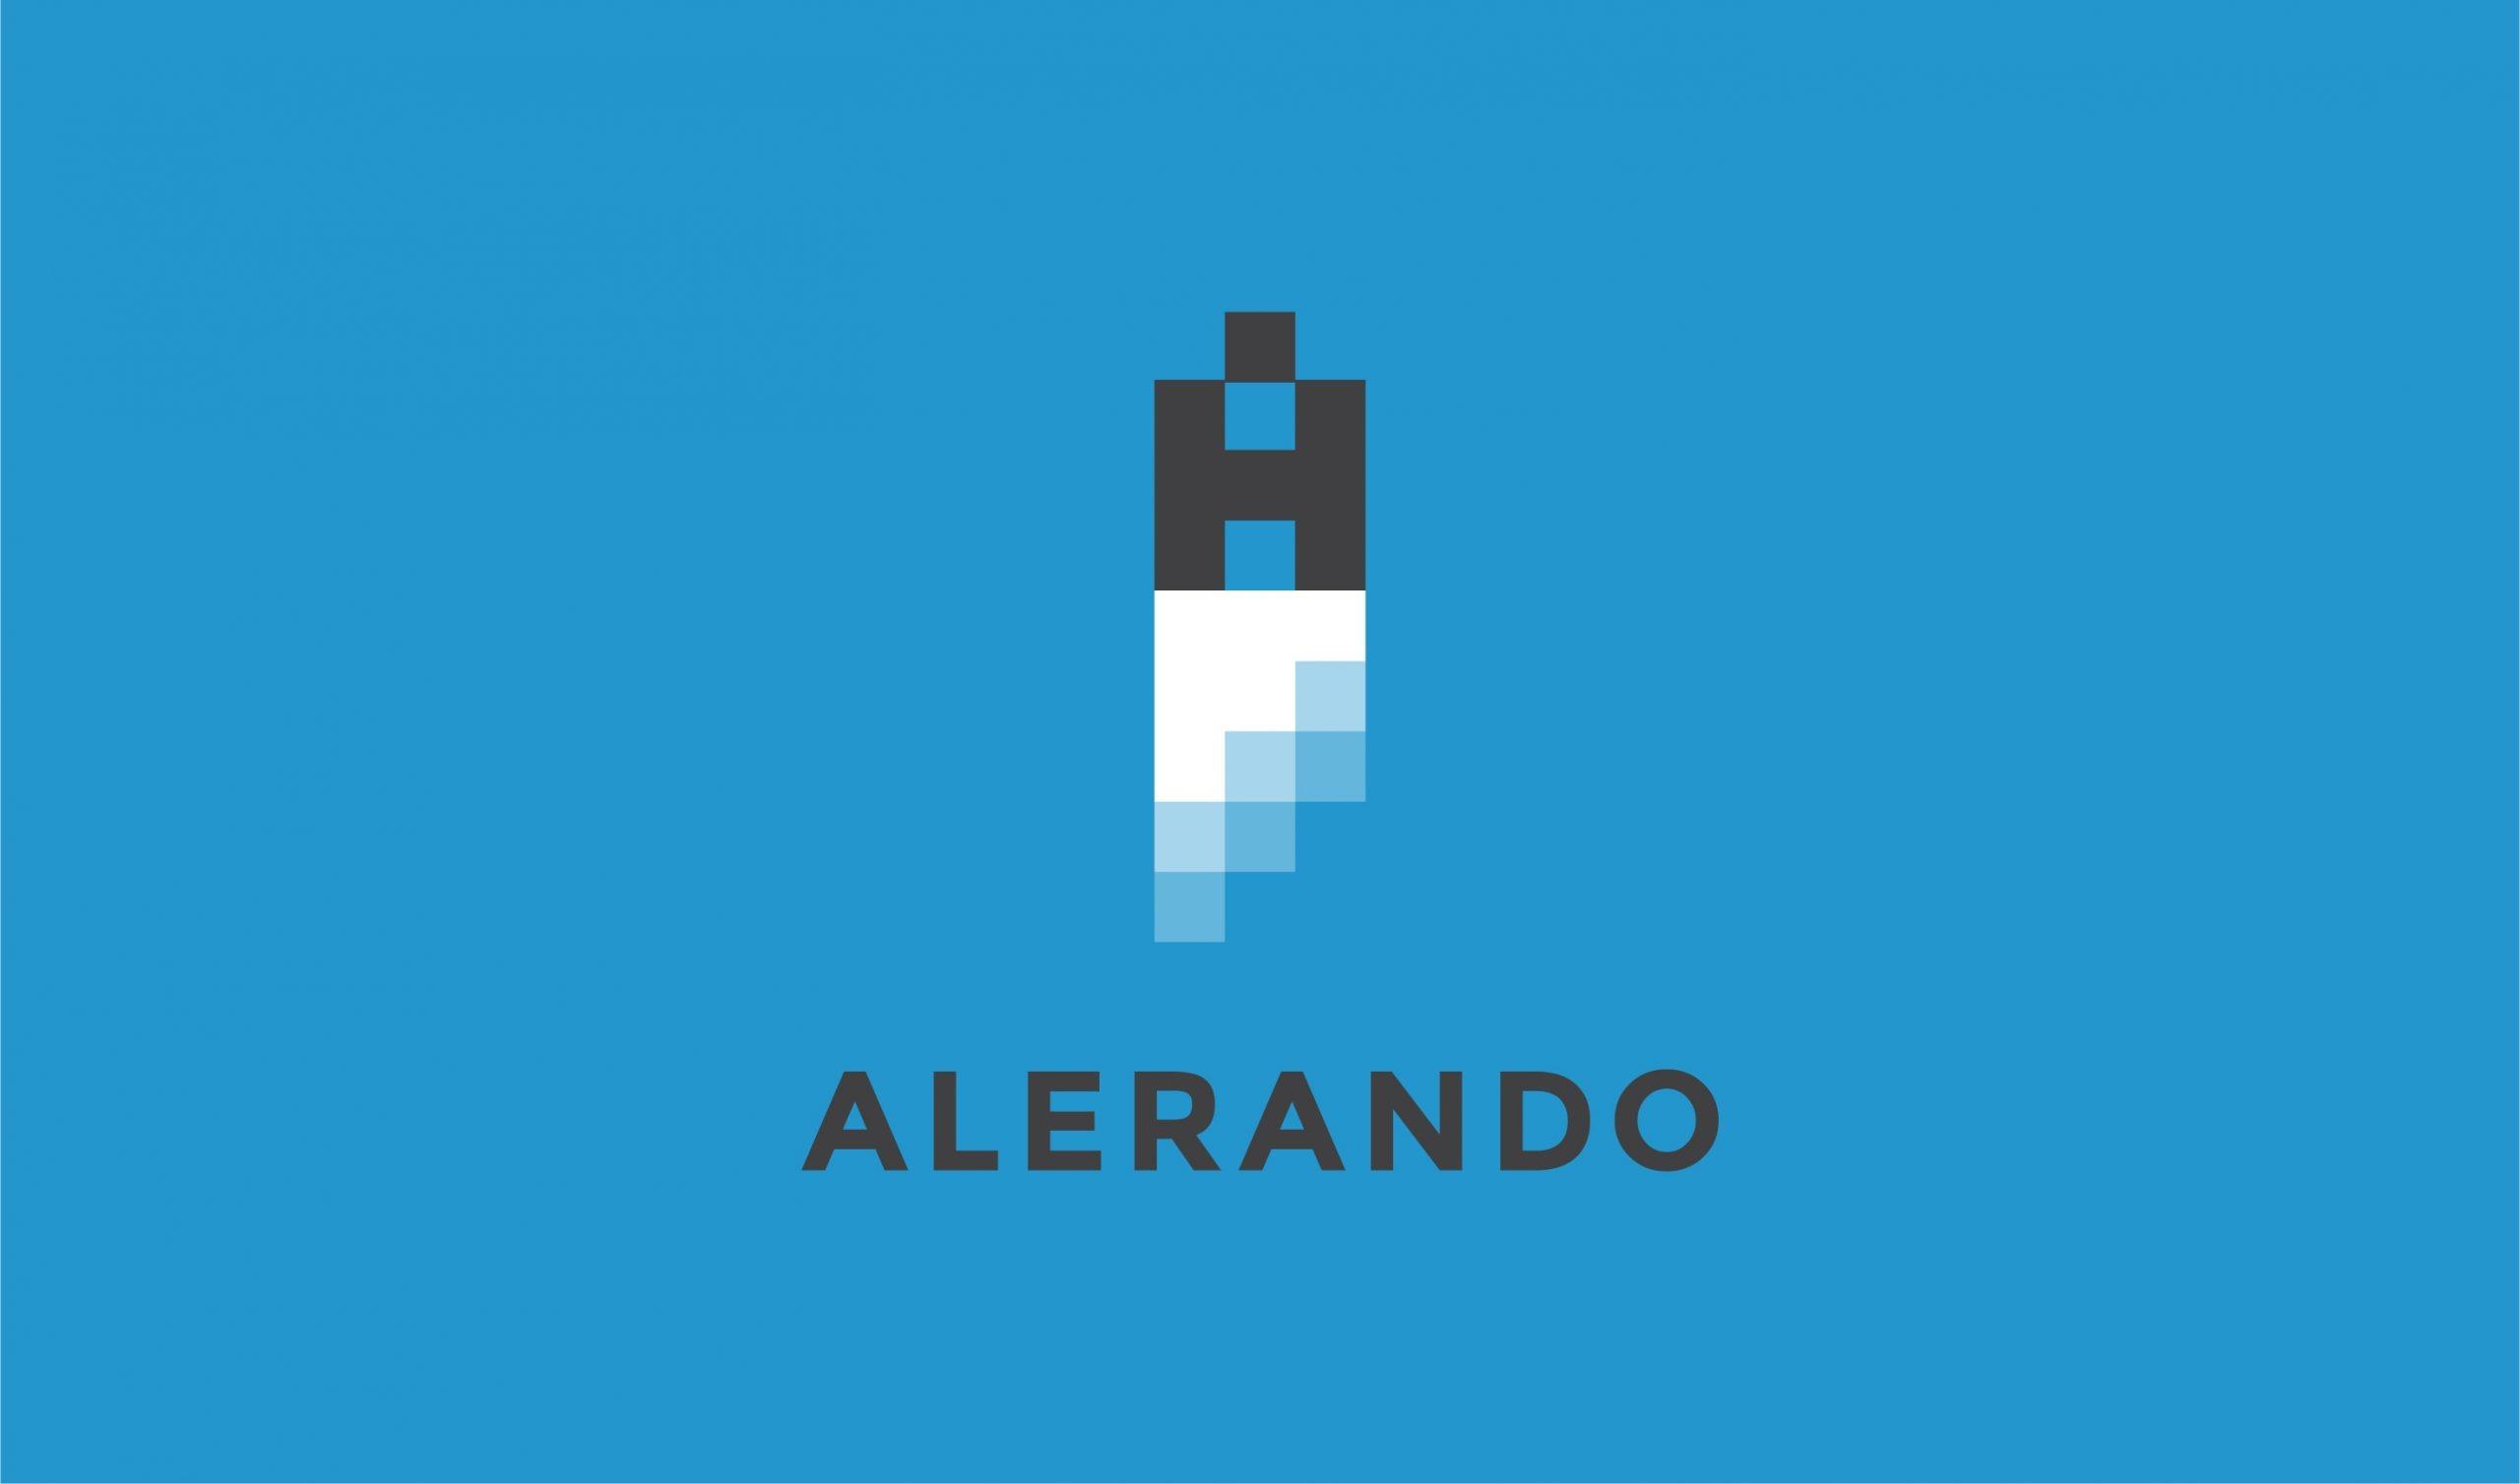 Alerando Identità visiva Developer - Logo su fondo colorato